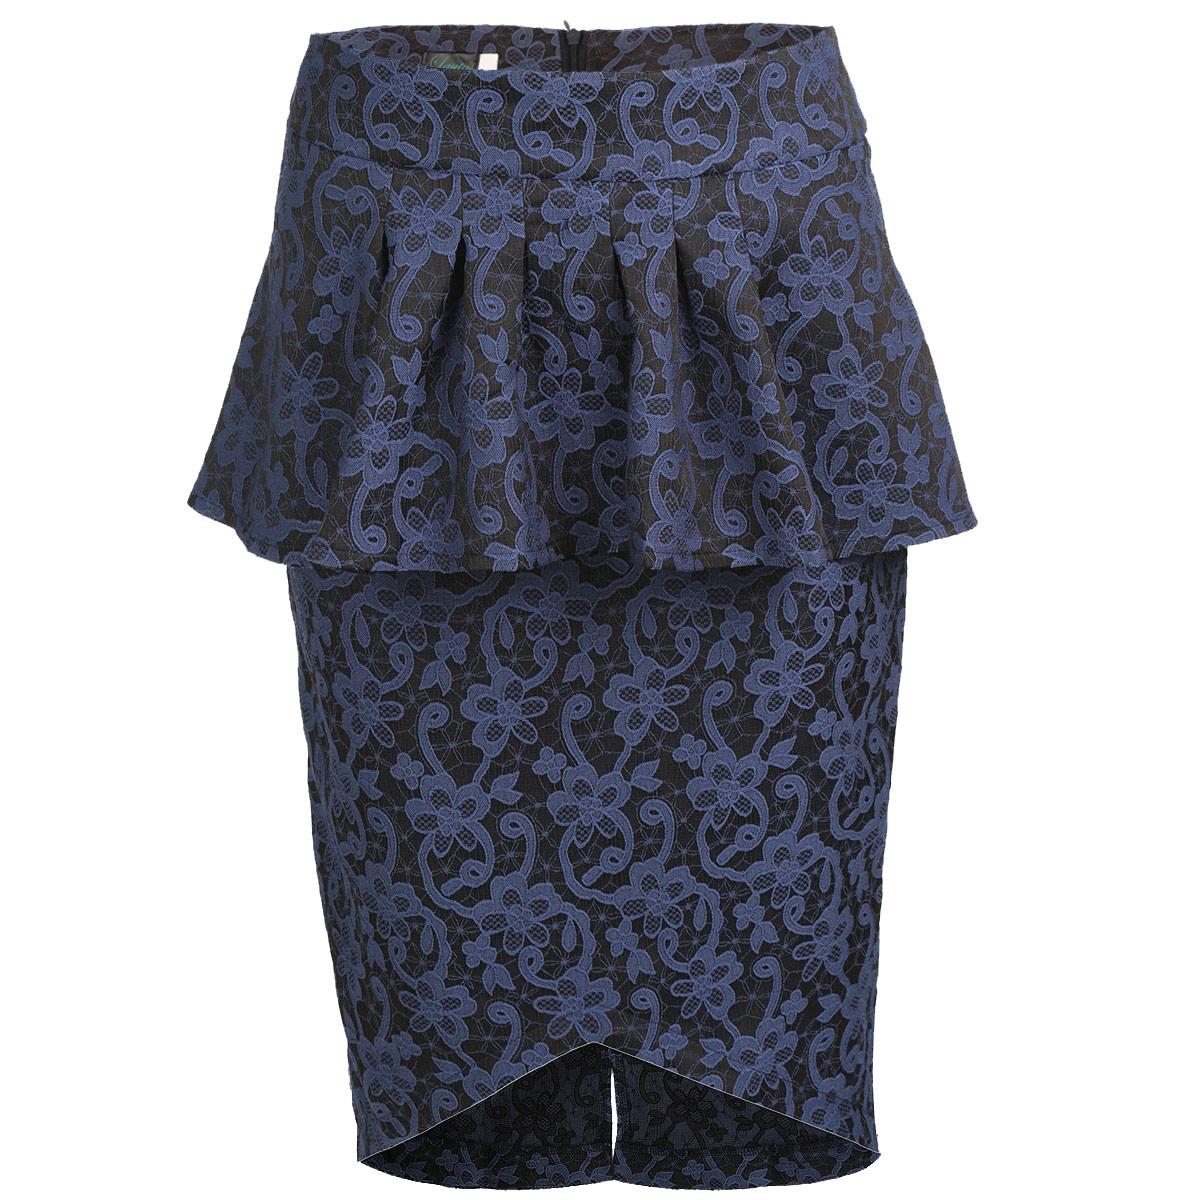 Юбка Lautus, цвет: серый, синий. ю0159. Размер 48ю0159Стильная юбка Lautus изготовлена из плотного эластичного материала с фактурным цветочным узором. Юбка длины миди подчеркнет все достоинства вашей фигуры. Модель на широком пришивном поясе оформлена элегантной баской и имеет асимметричный подол. Сзади юбка застегивается на потайную молнию и дополнена небольшим разрезом. Эта модная юбка - отличный вариант как на каждый день, так и на торжественное мероприятие. Она займет достойное место в вашем гардеробе и подчеркнет ваш безупречный вкус.